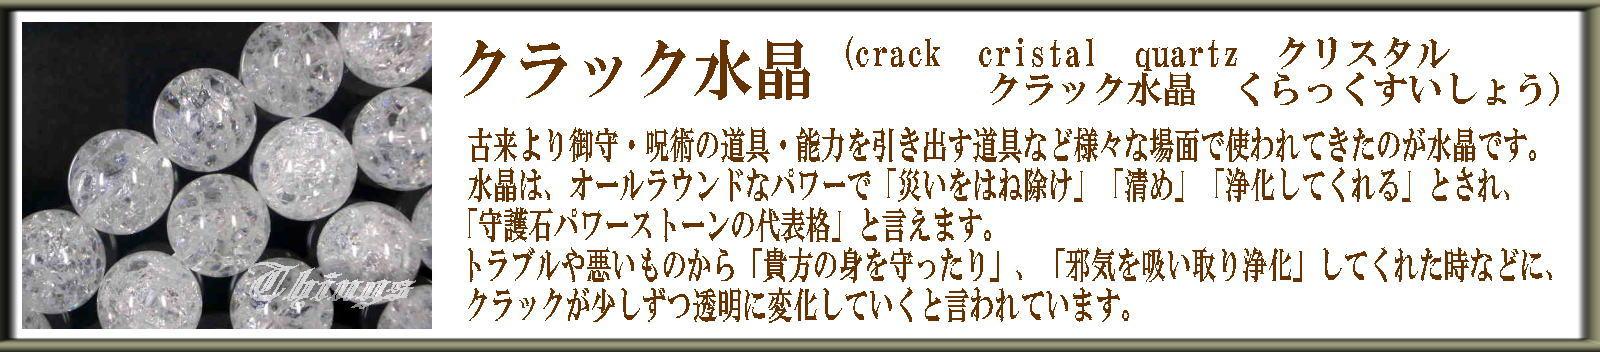 ◆クラック水晶 crack cristal quartz クリスタル くらっくすいしょう◆